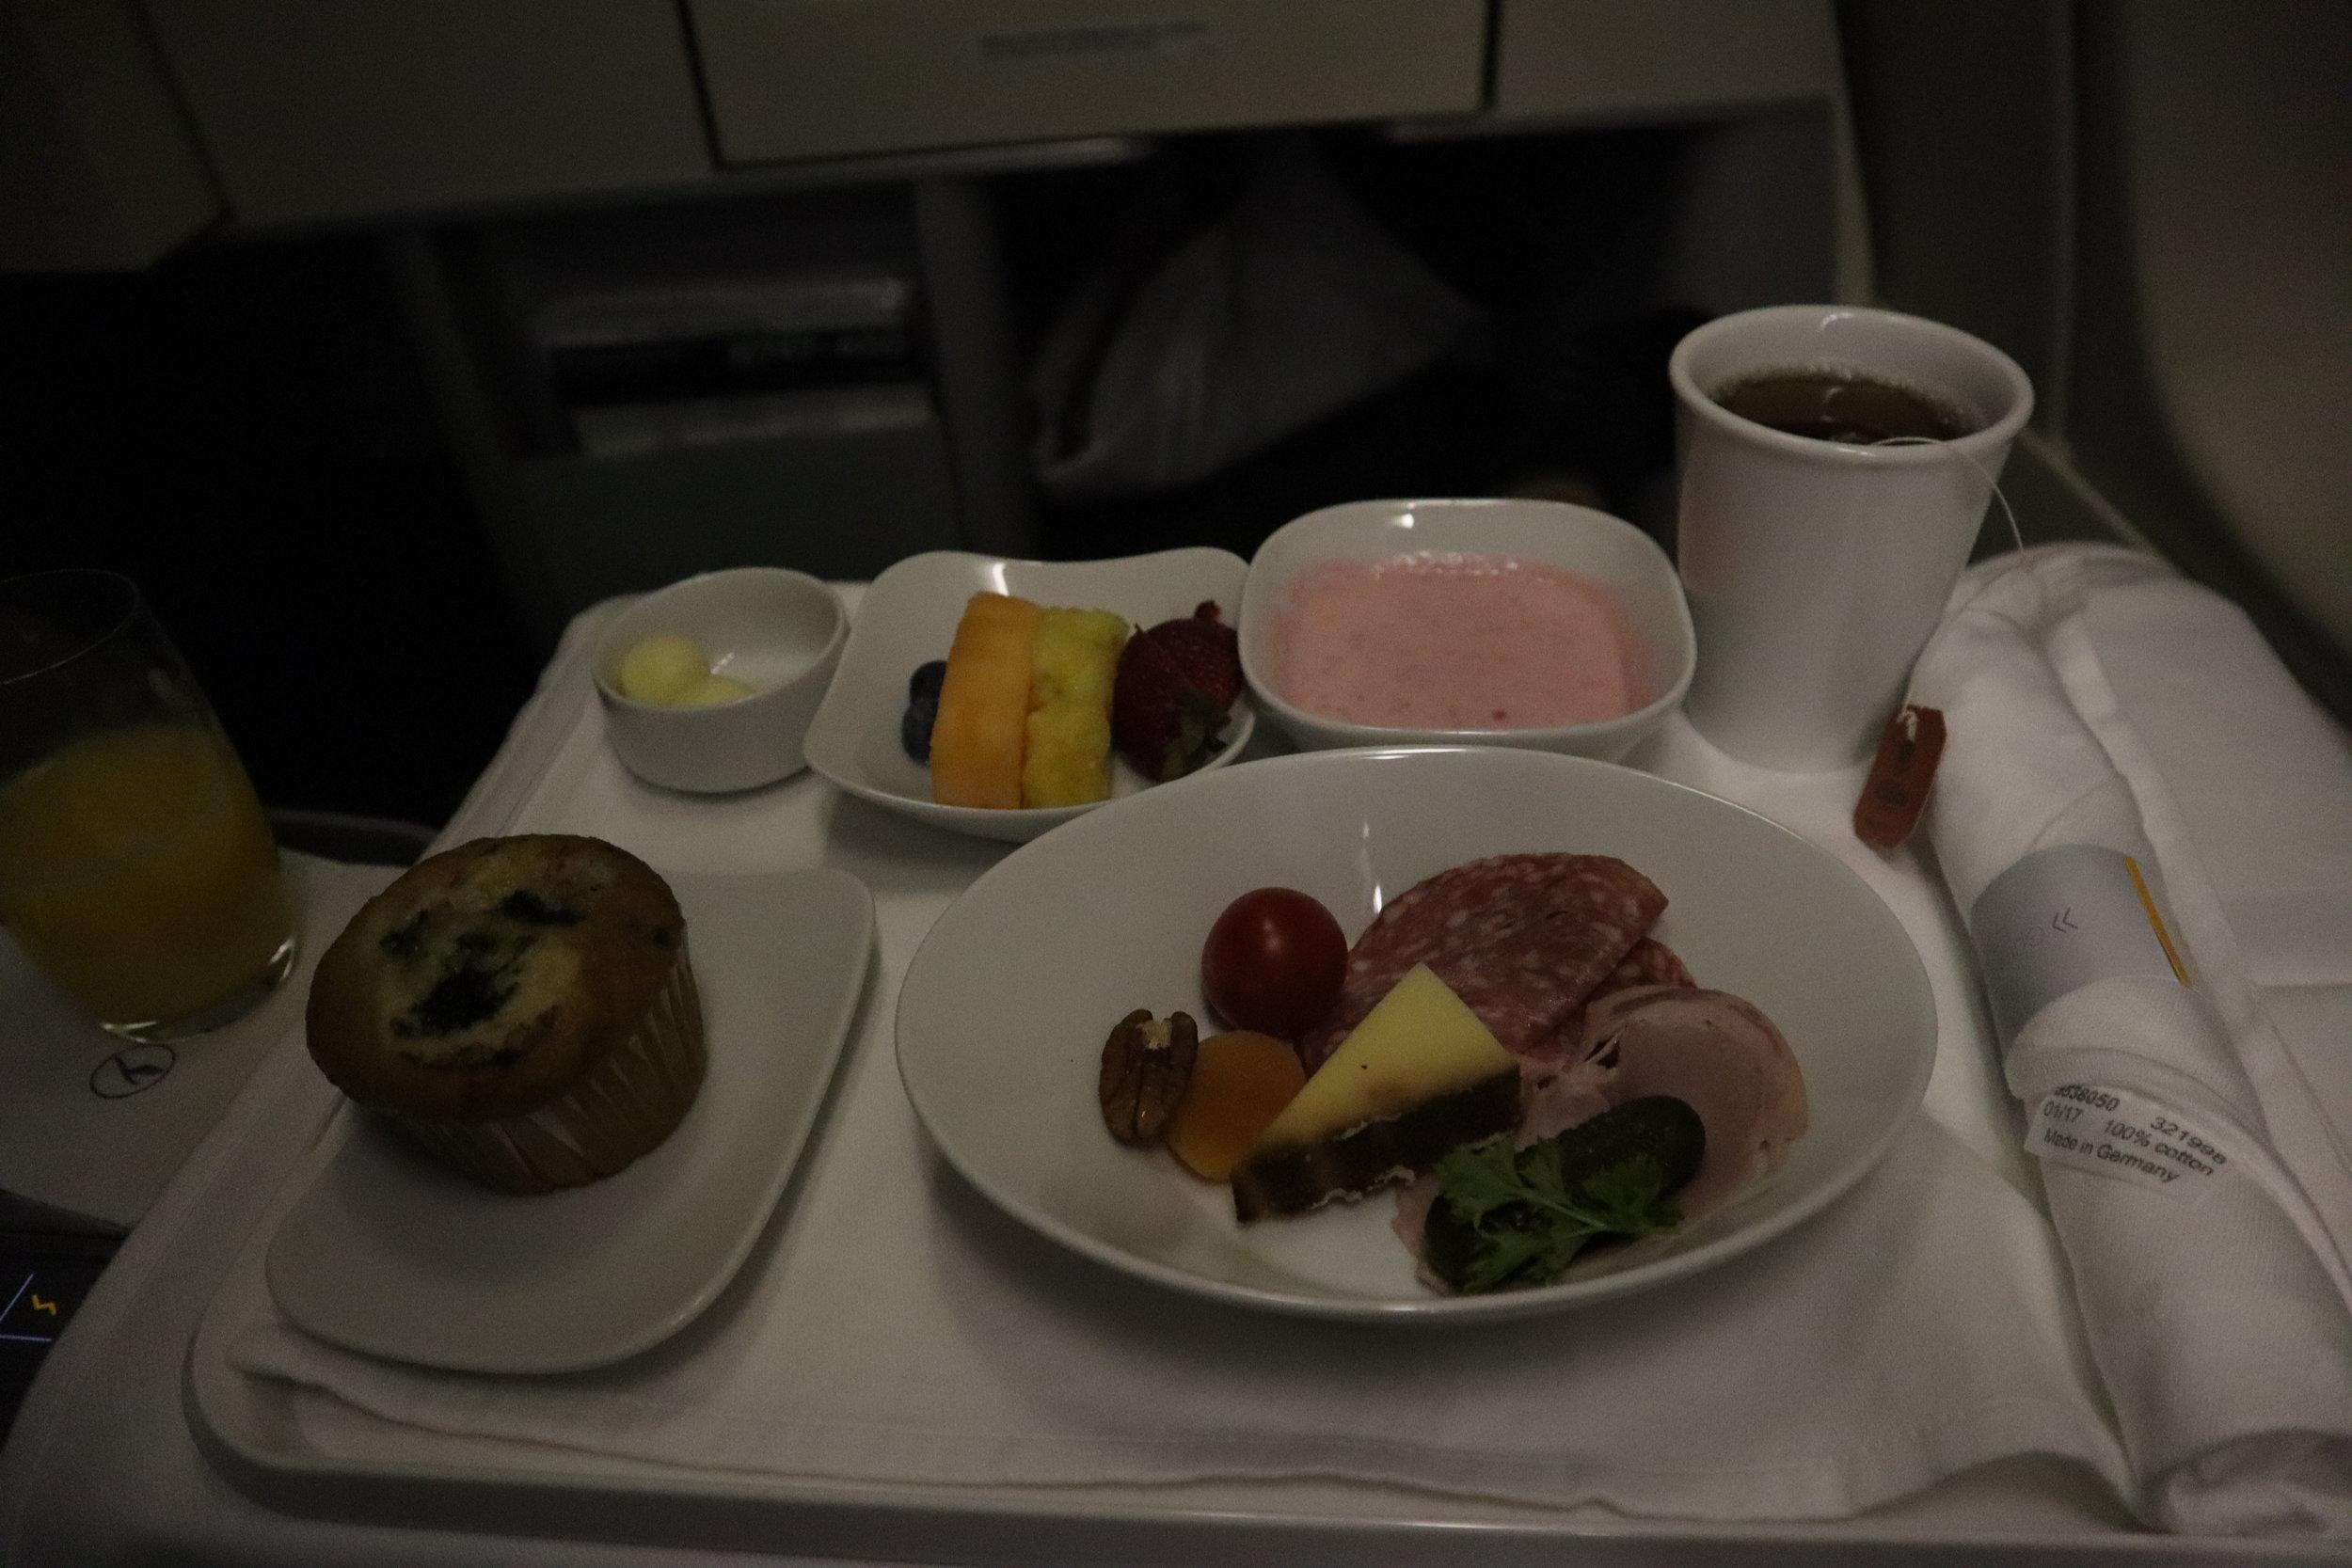 Lufthansa 747-400 business class – Breakfast